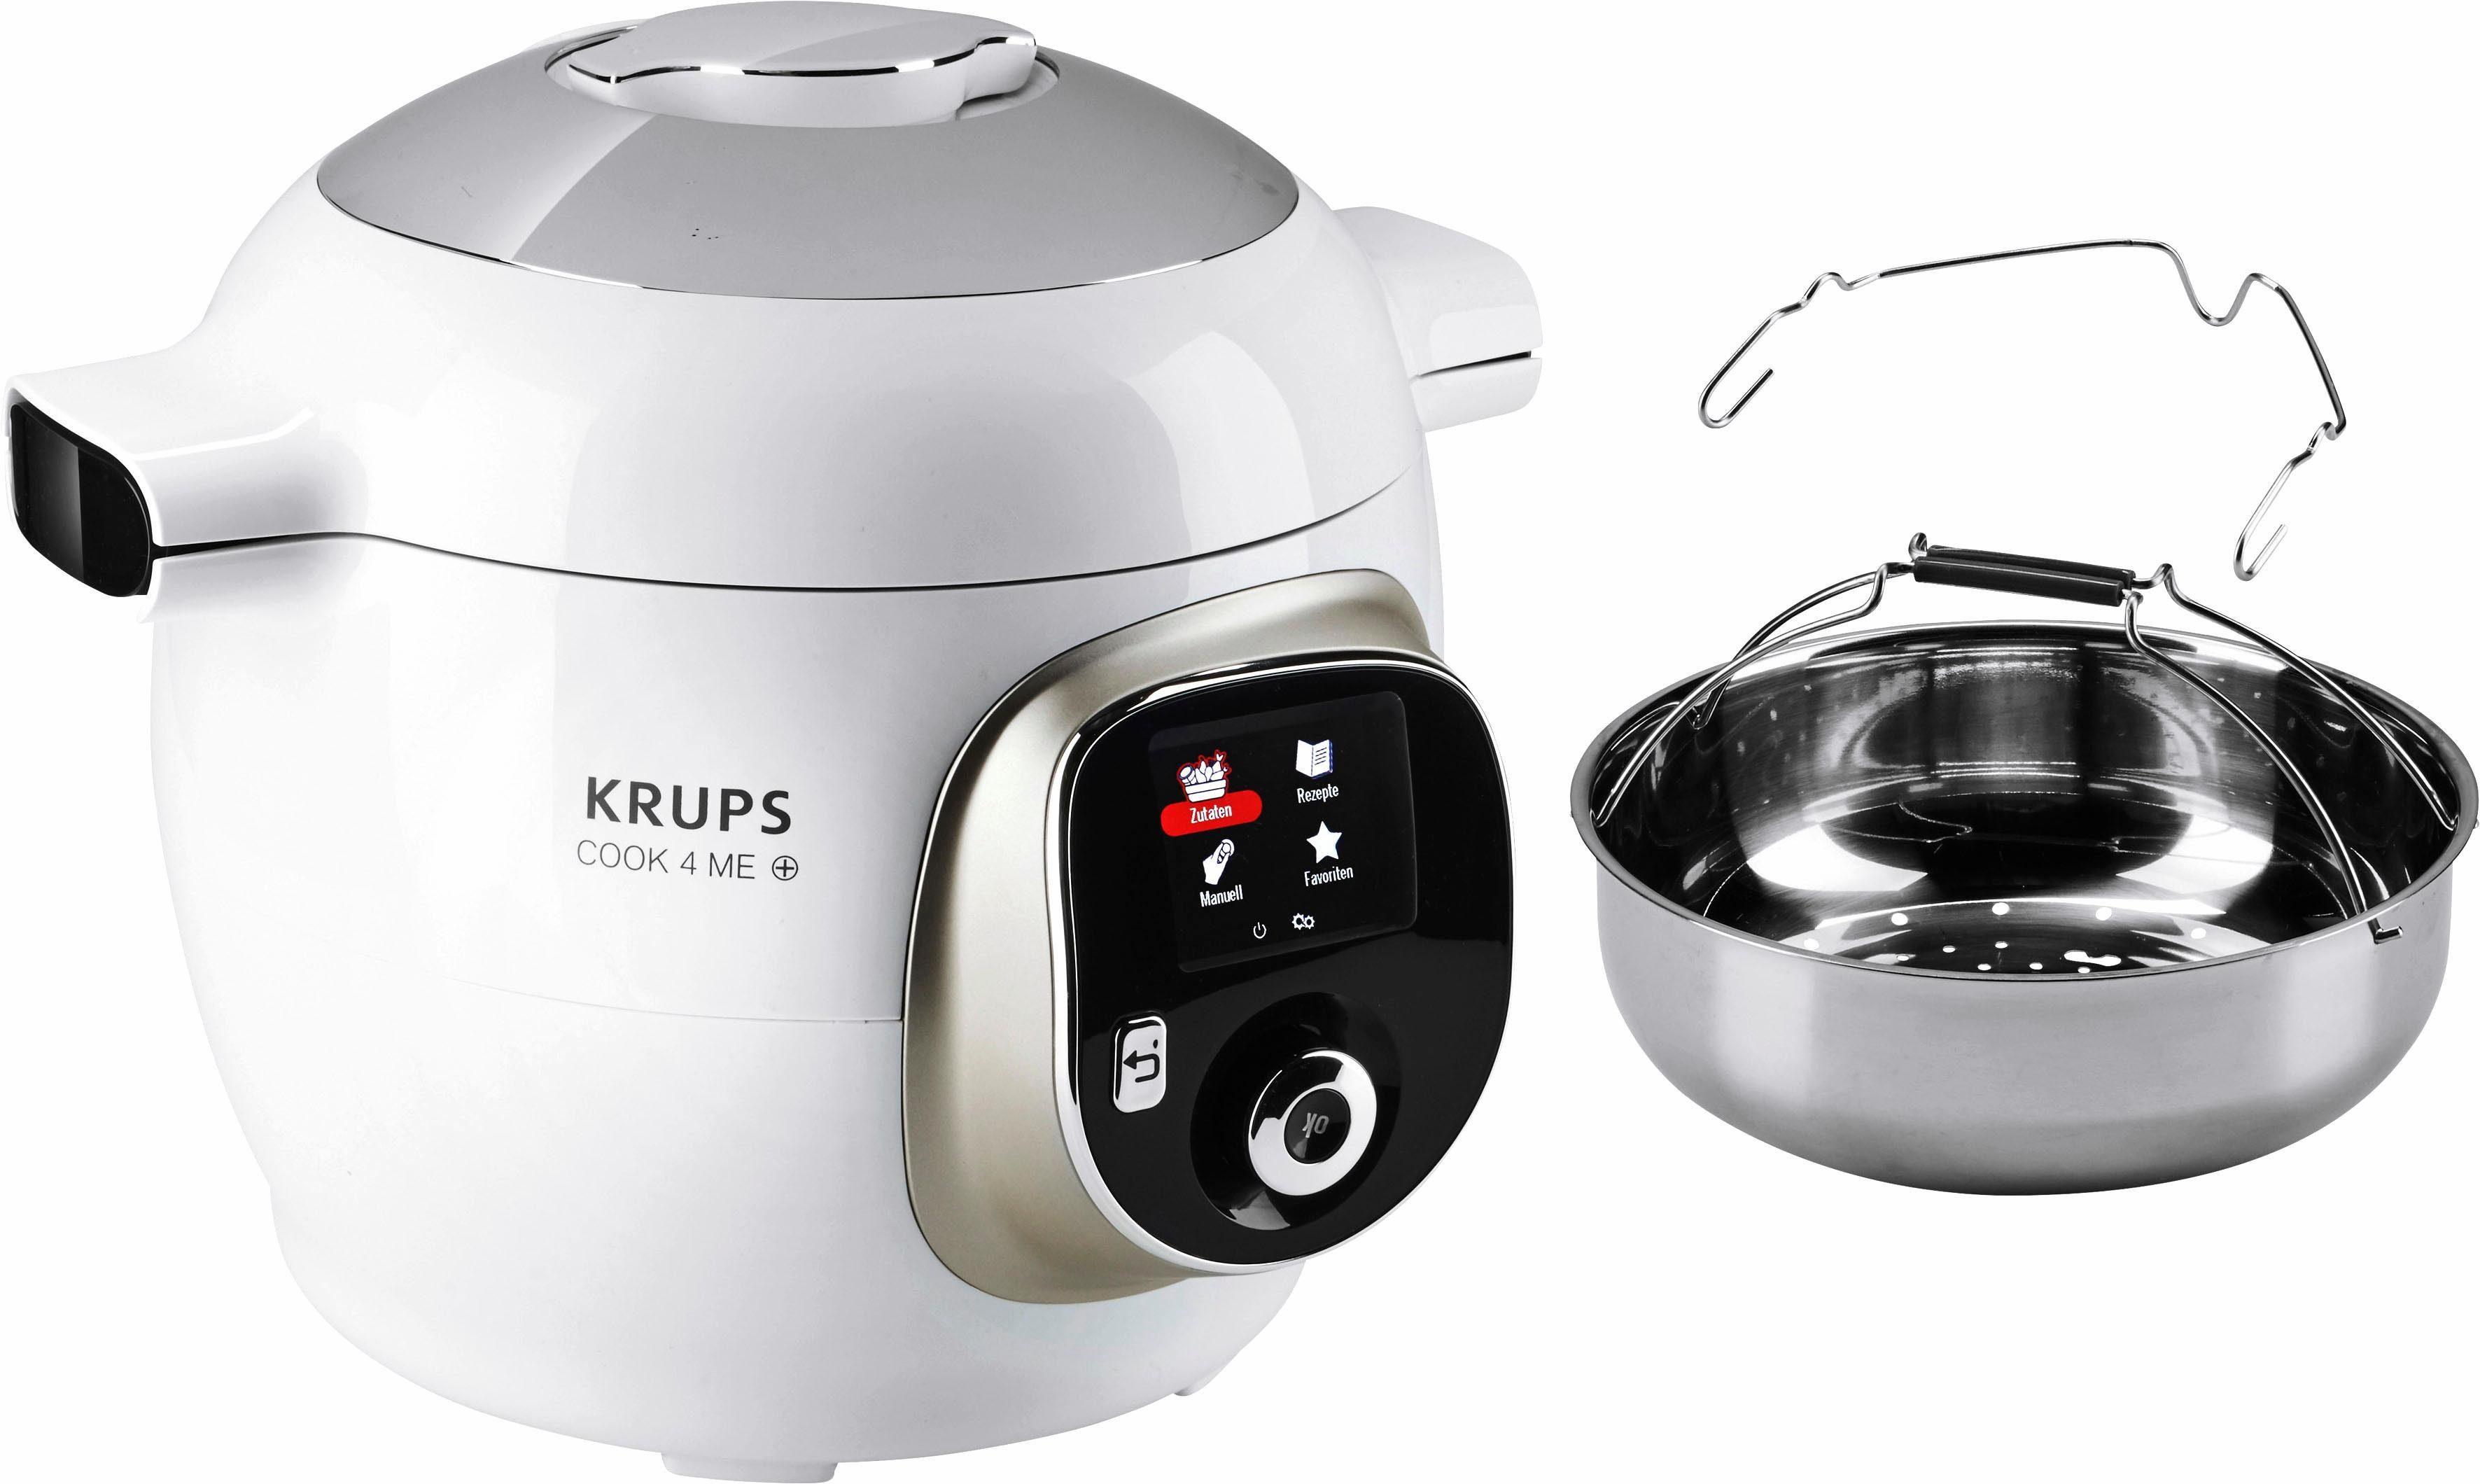 Krups Multikocher CZ7101 Cook 4 Me +